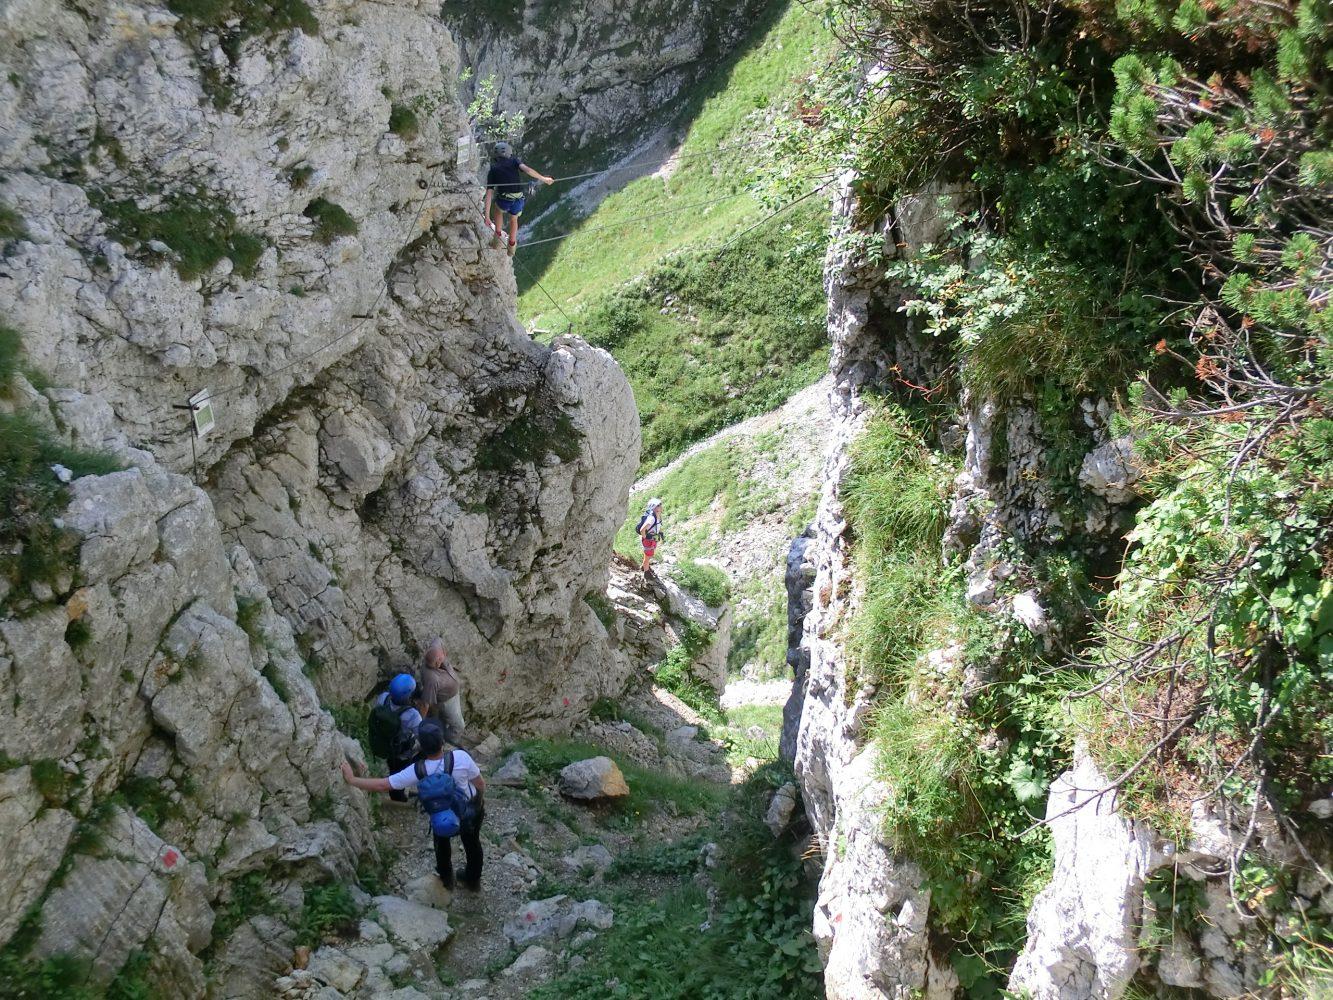 leichte Klettereien machen die Tour interessant